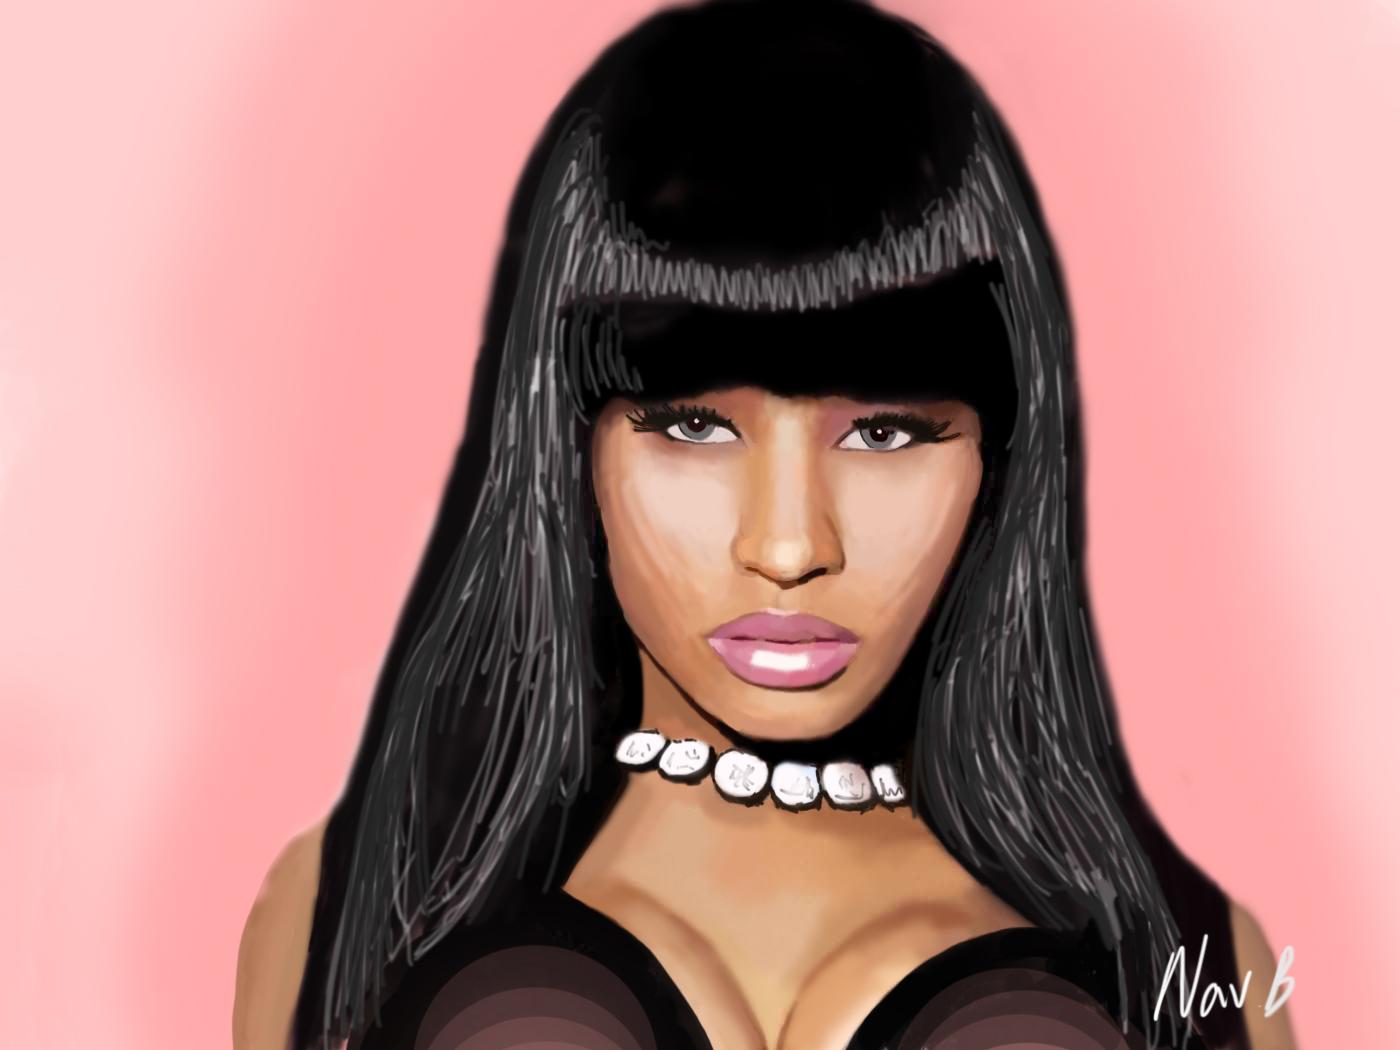 http://3.bp.blogspot.com/-zyzfhidrhto/UMduxbuaivI/AAAAAAAAABg/_1bBaPoqVmU/s1600/Nicki-Minaj+sketch.jpg